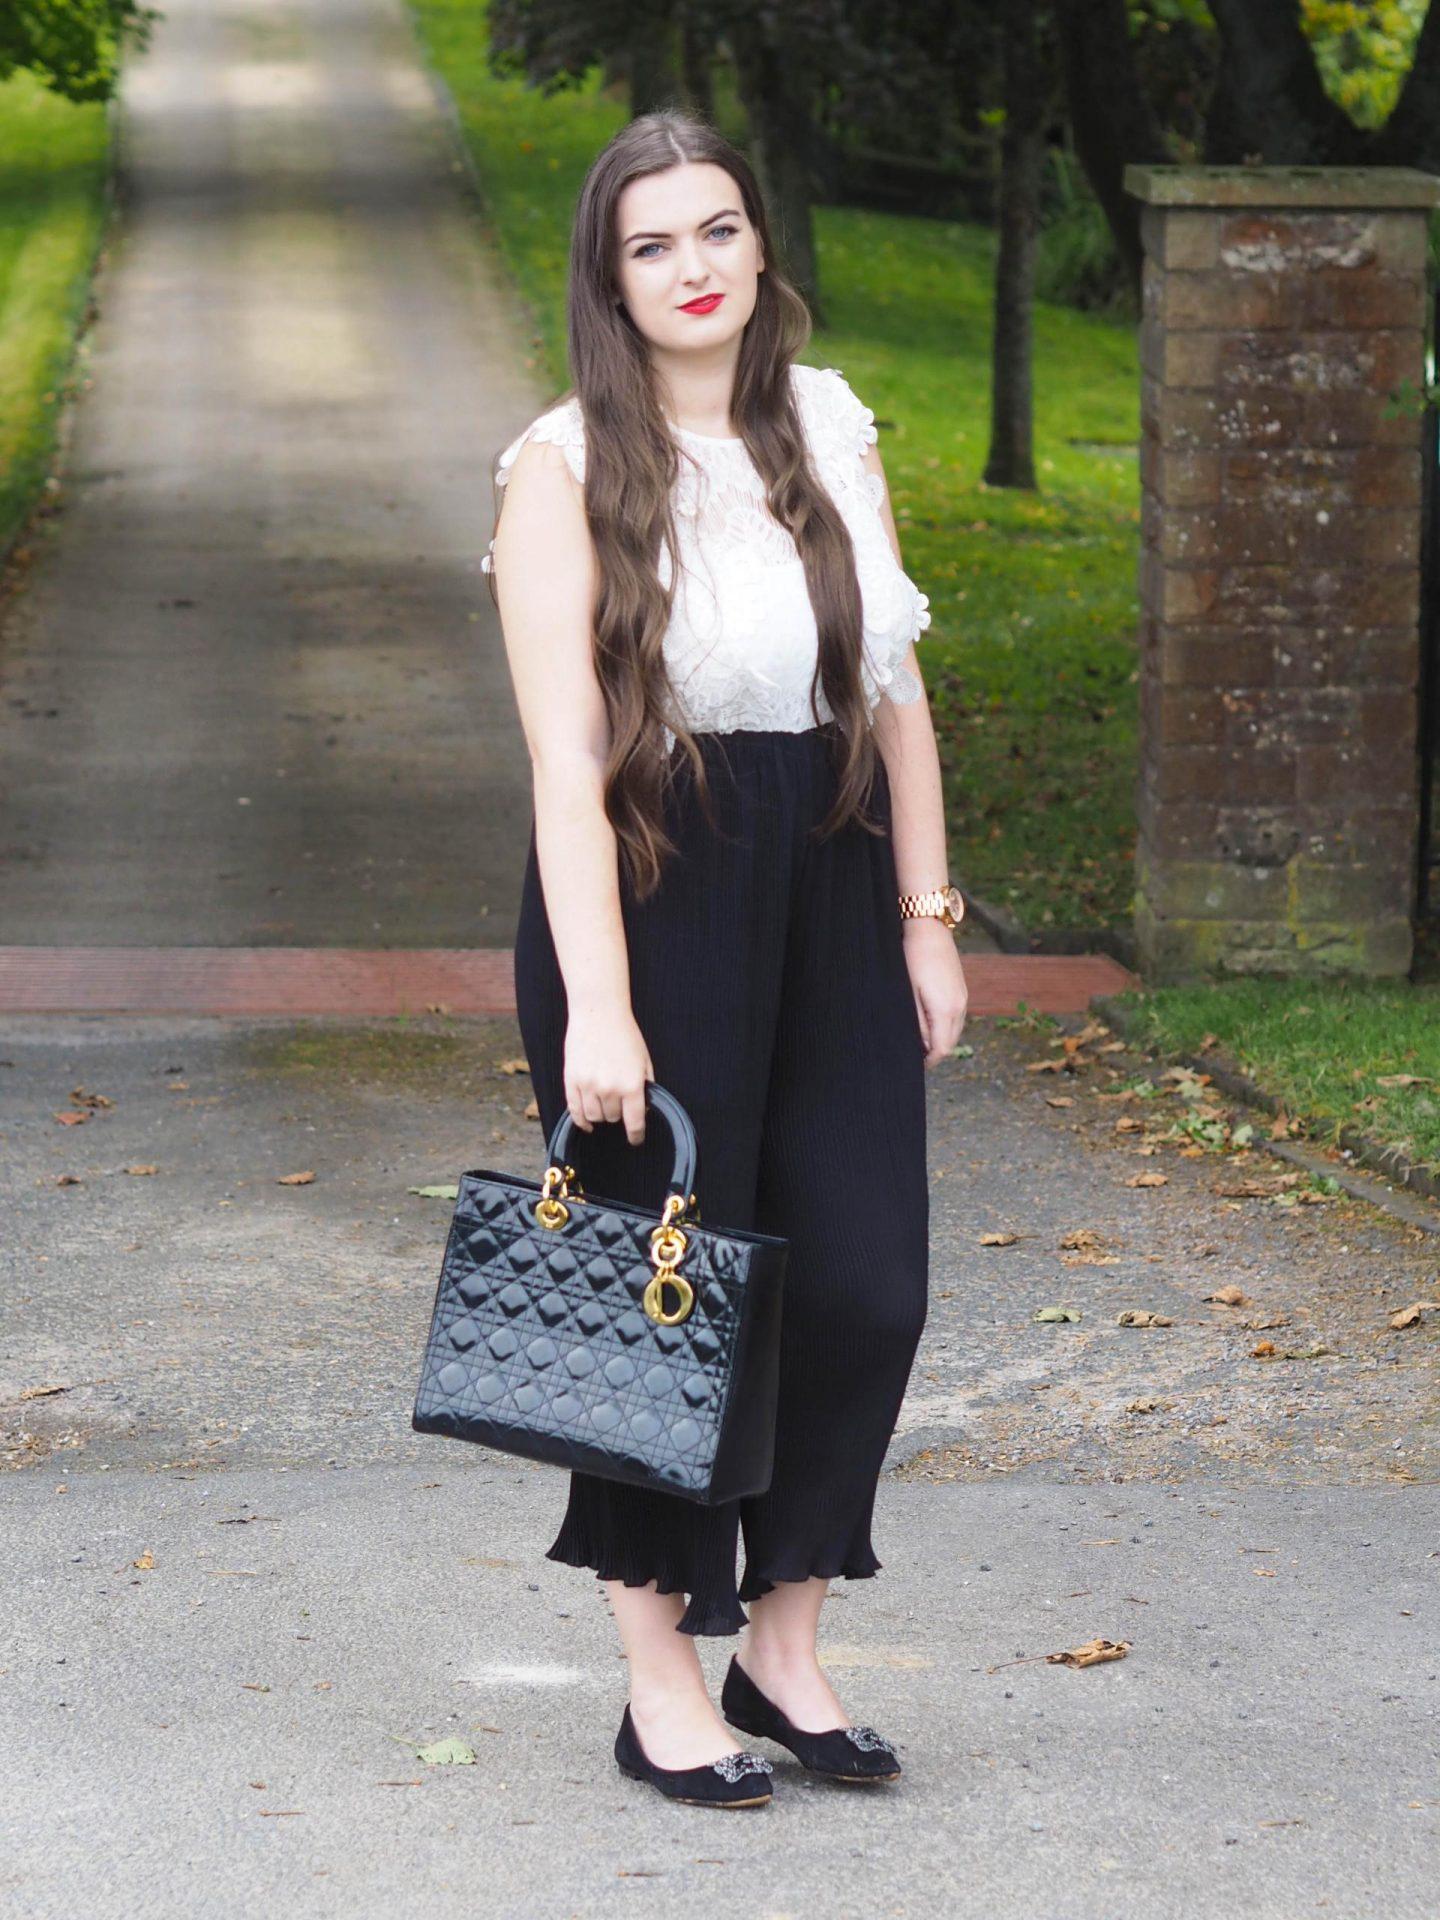 the-delphine-jumpsuit-by-dahlia-rachel-nicole-uk-fashion-blogger-2